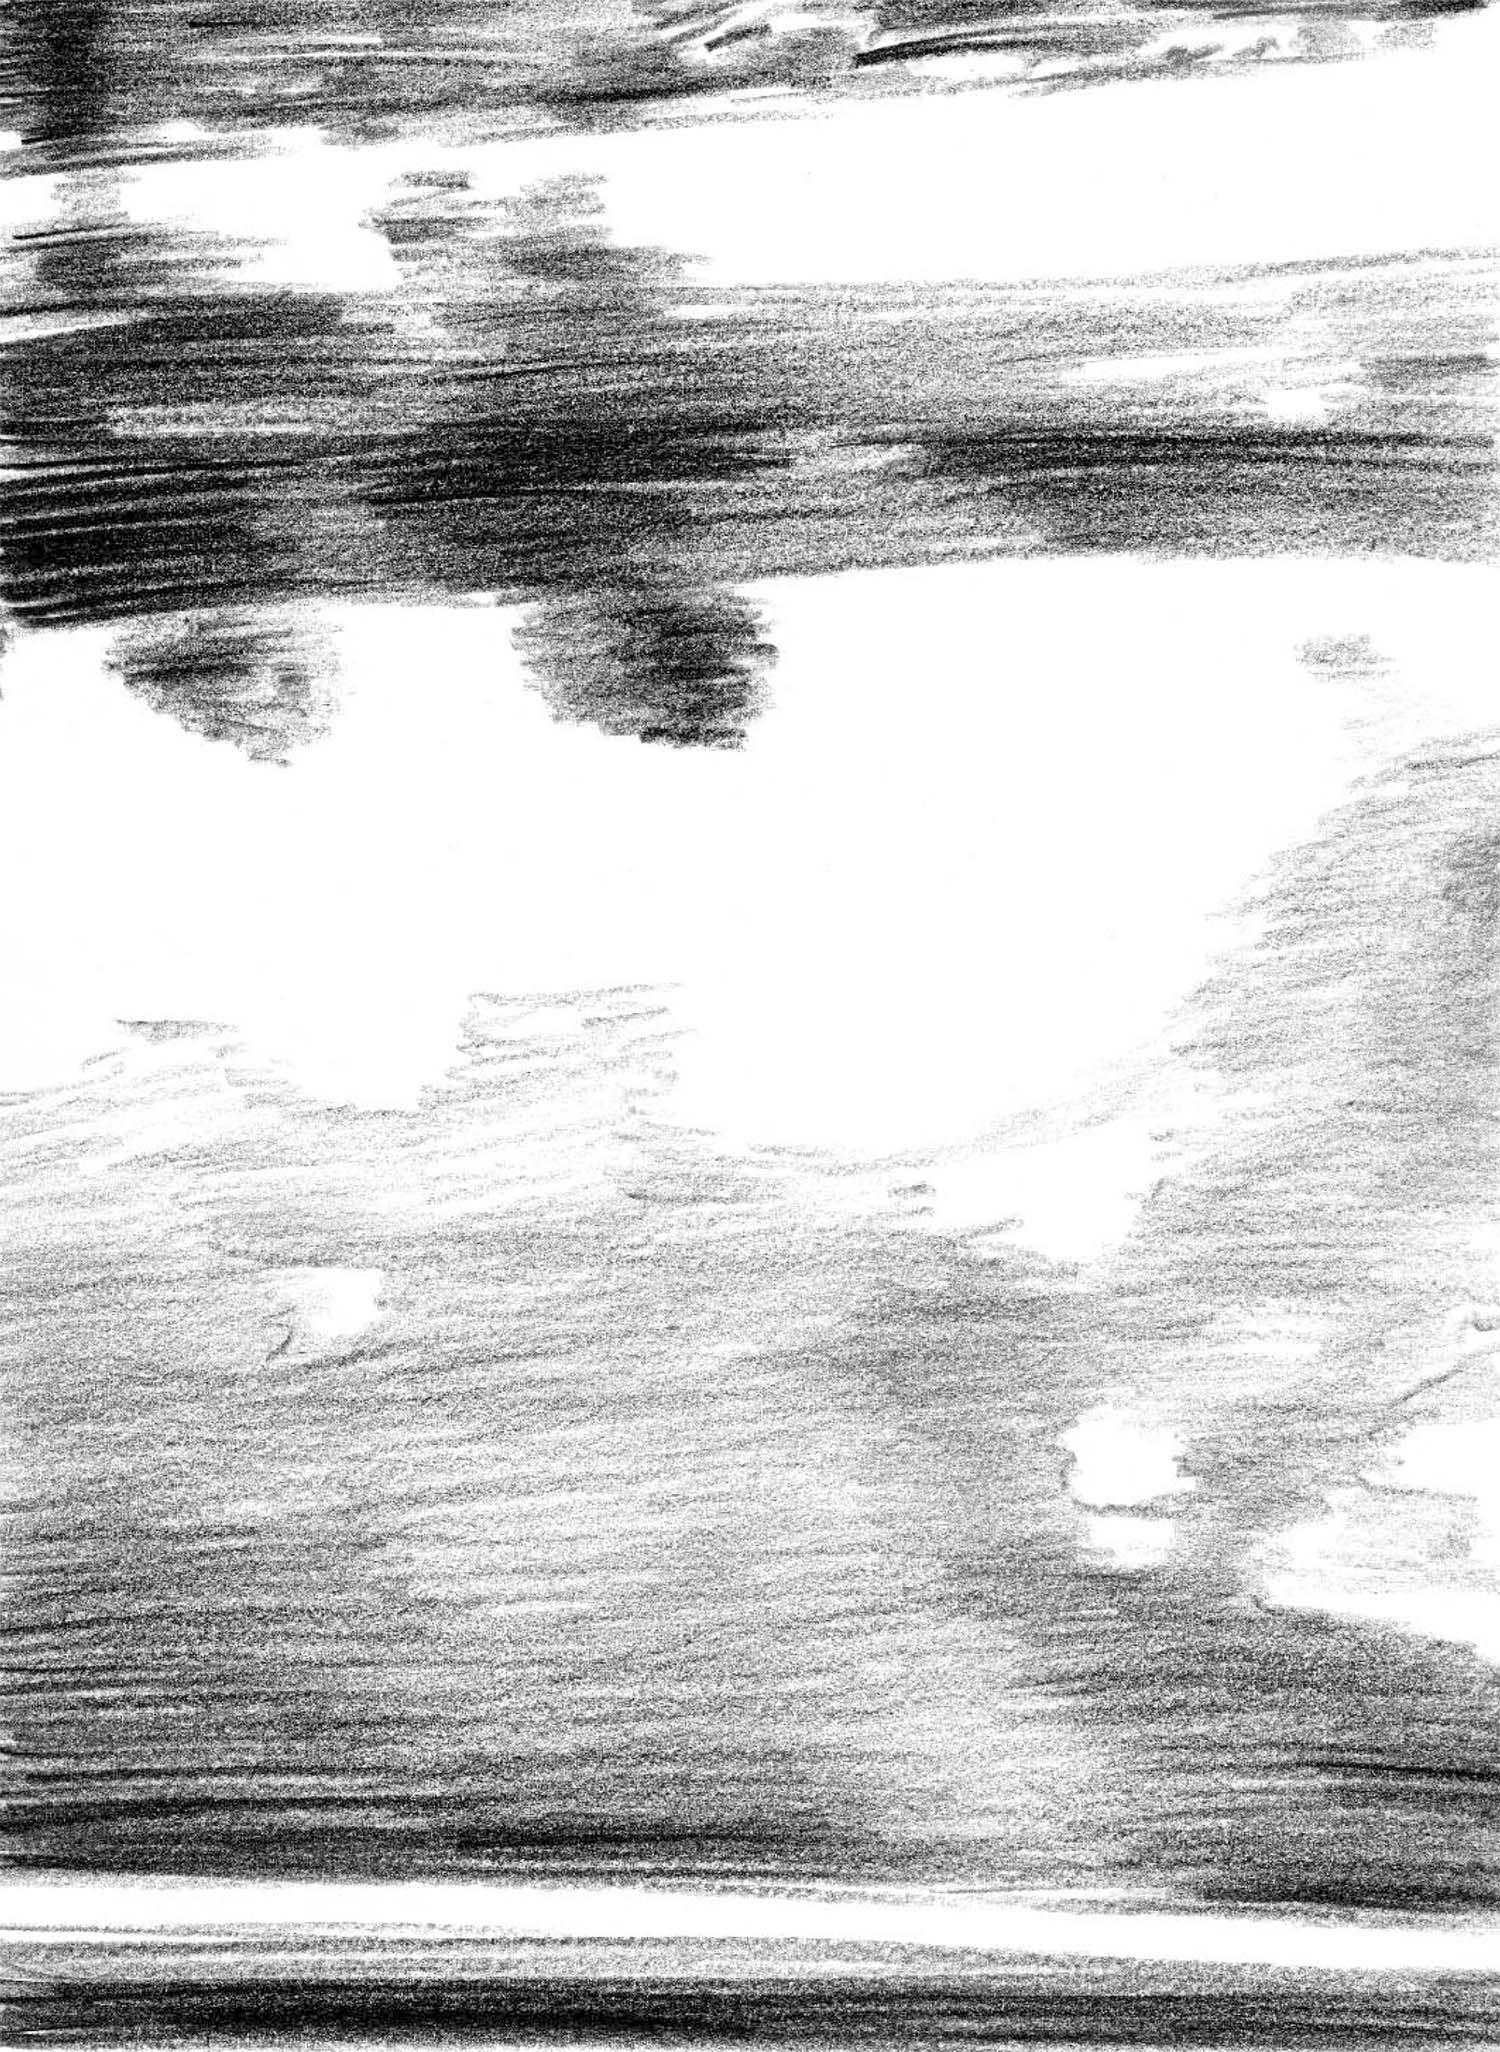 pdf_1-5-2 Kopie.jpg